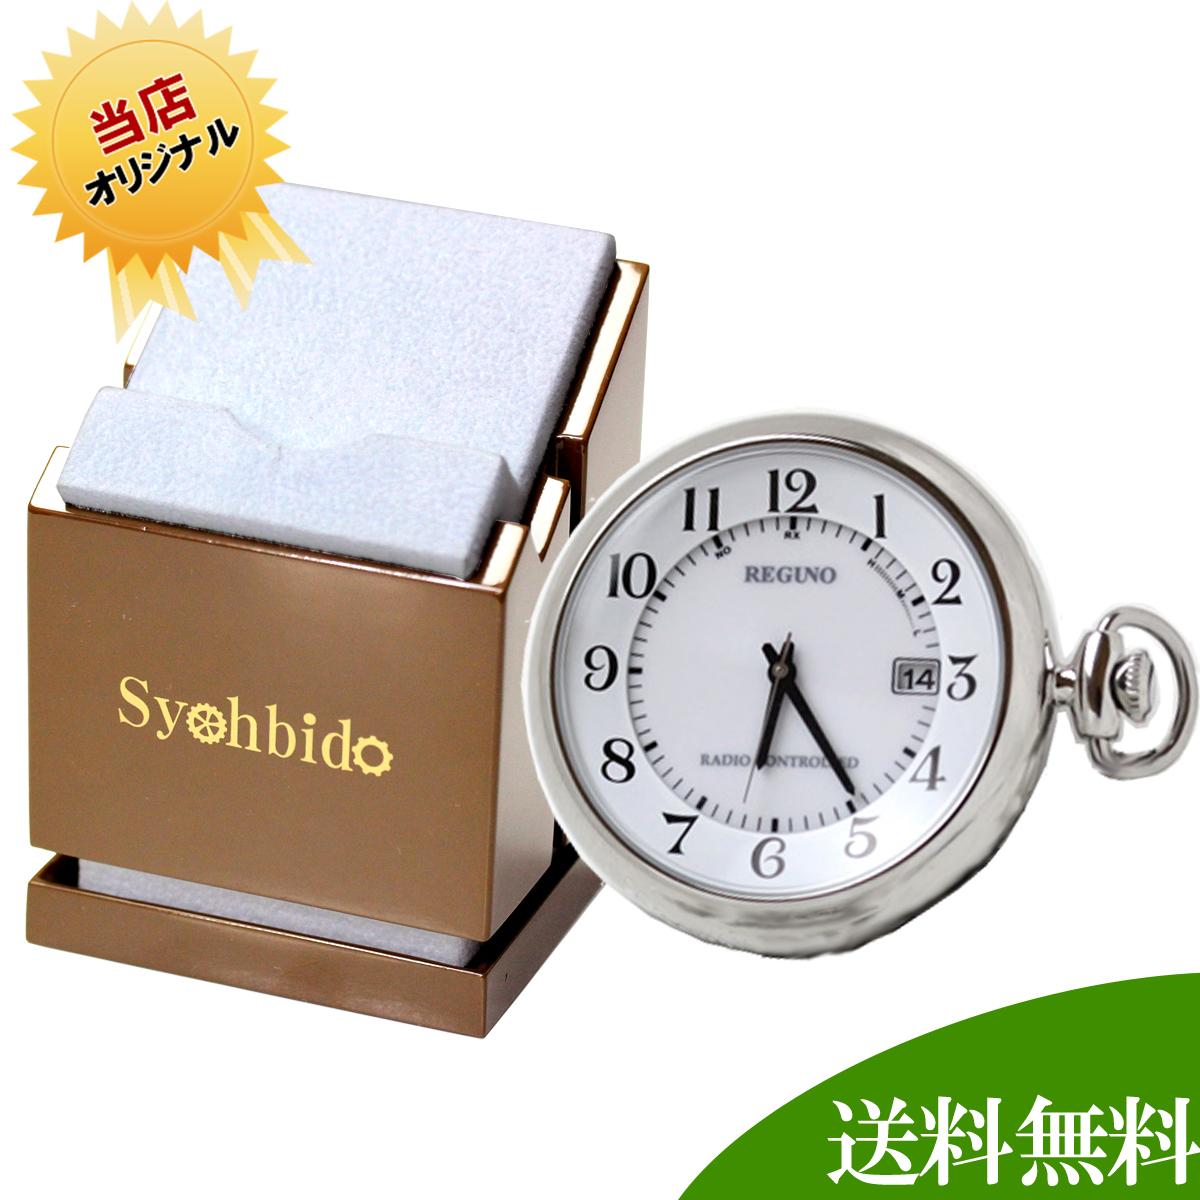 シチズン(CITIZEN)懐中時計 KL791411と正美堂オリジナル懐中時計専用スタンドのセット